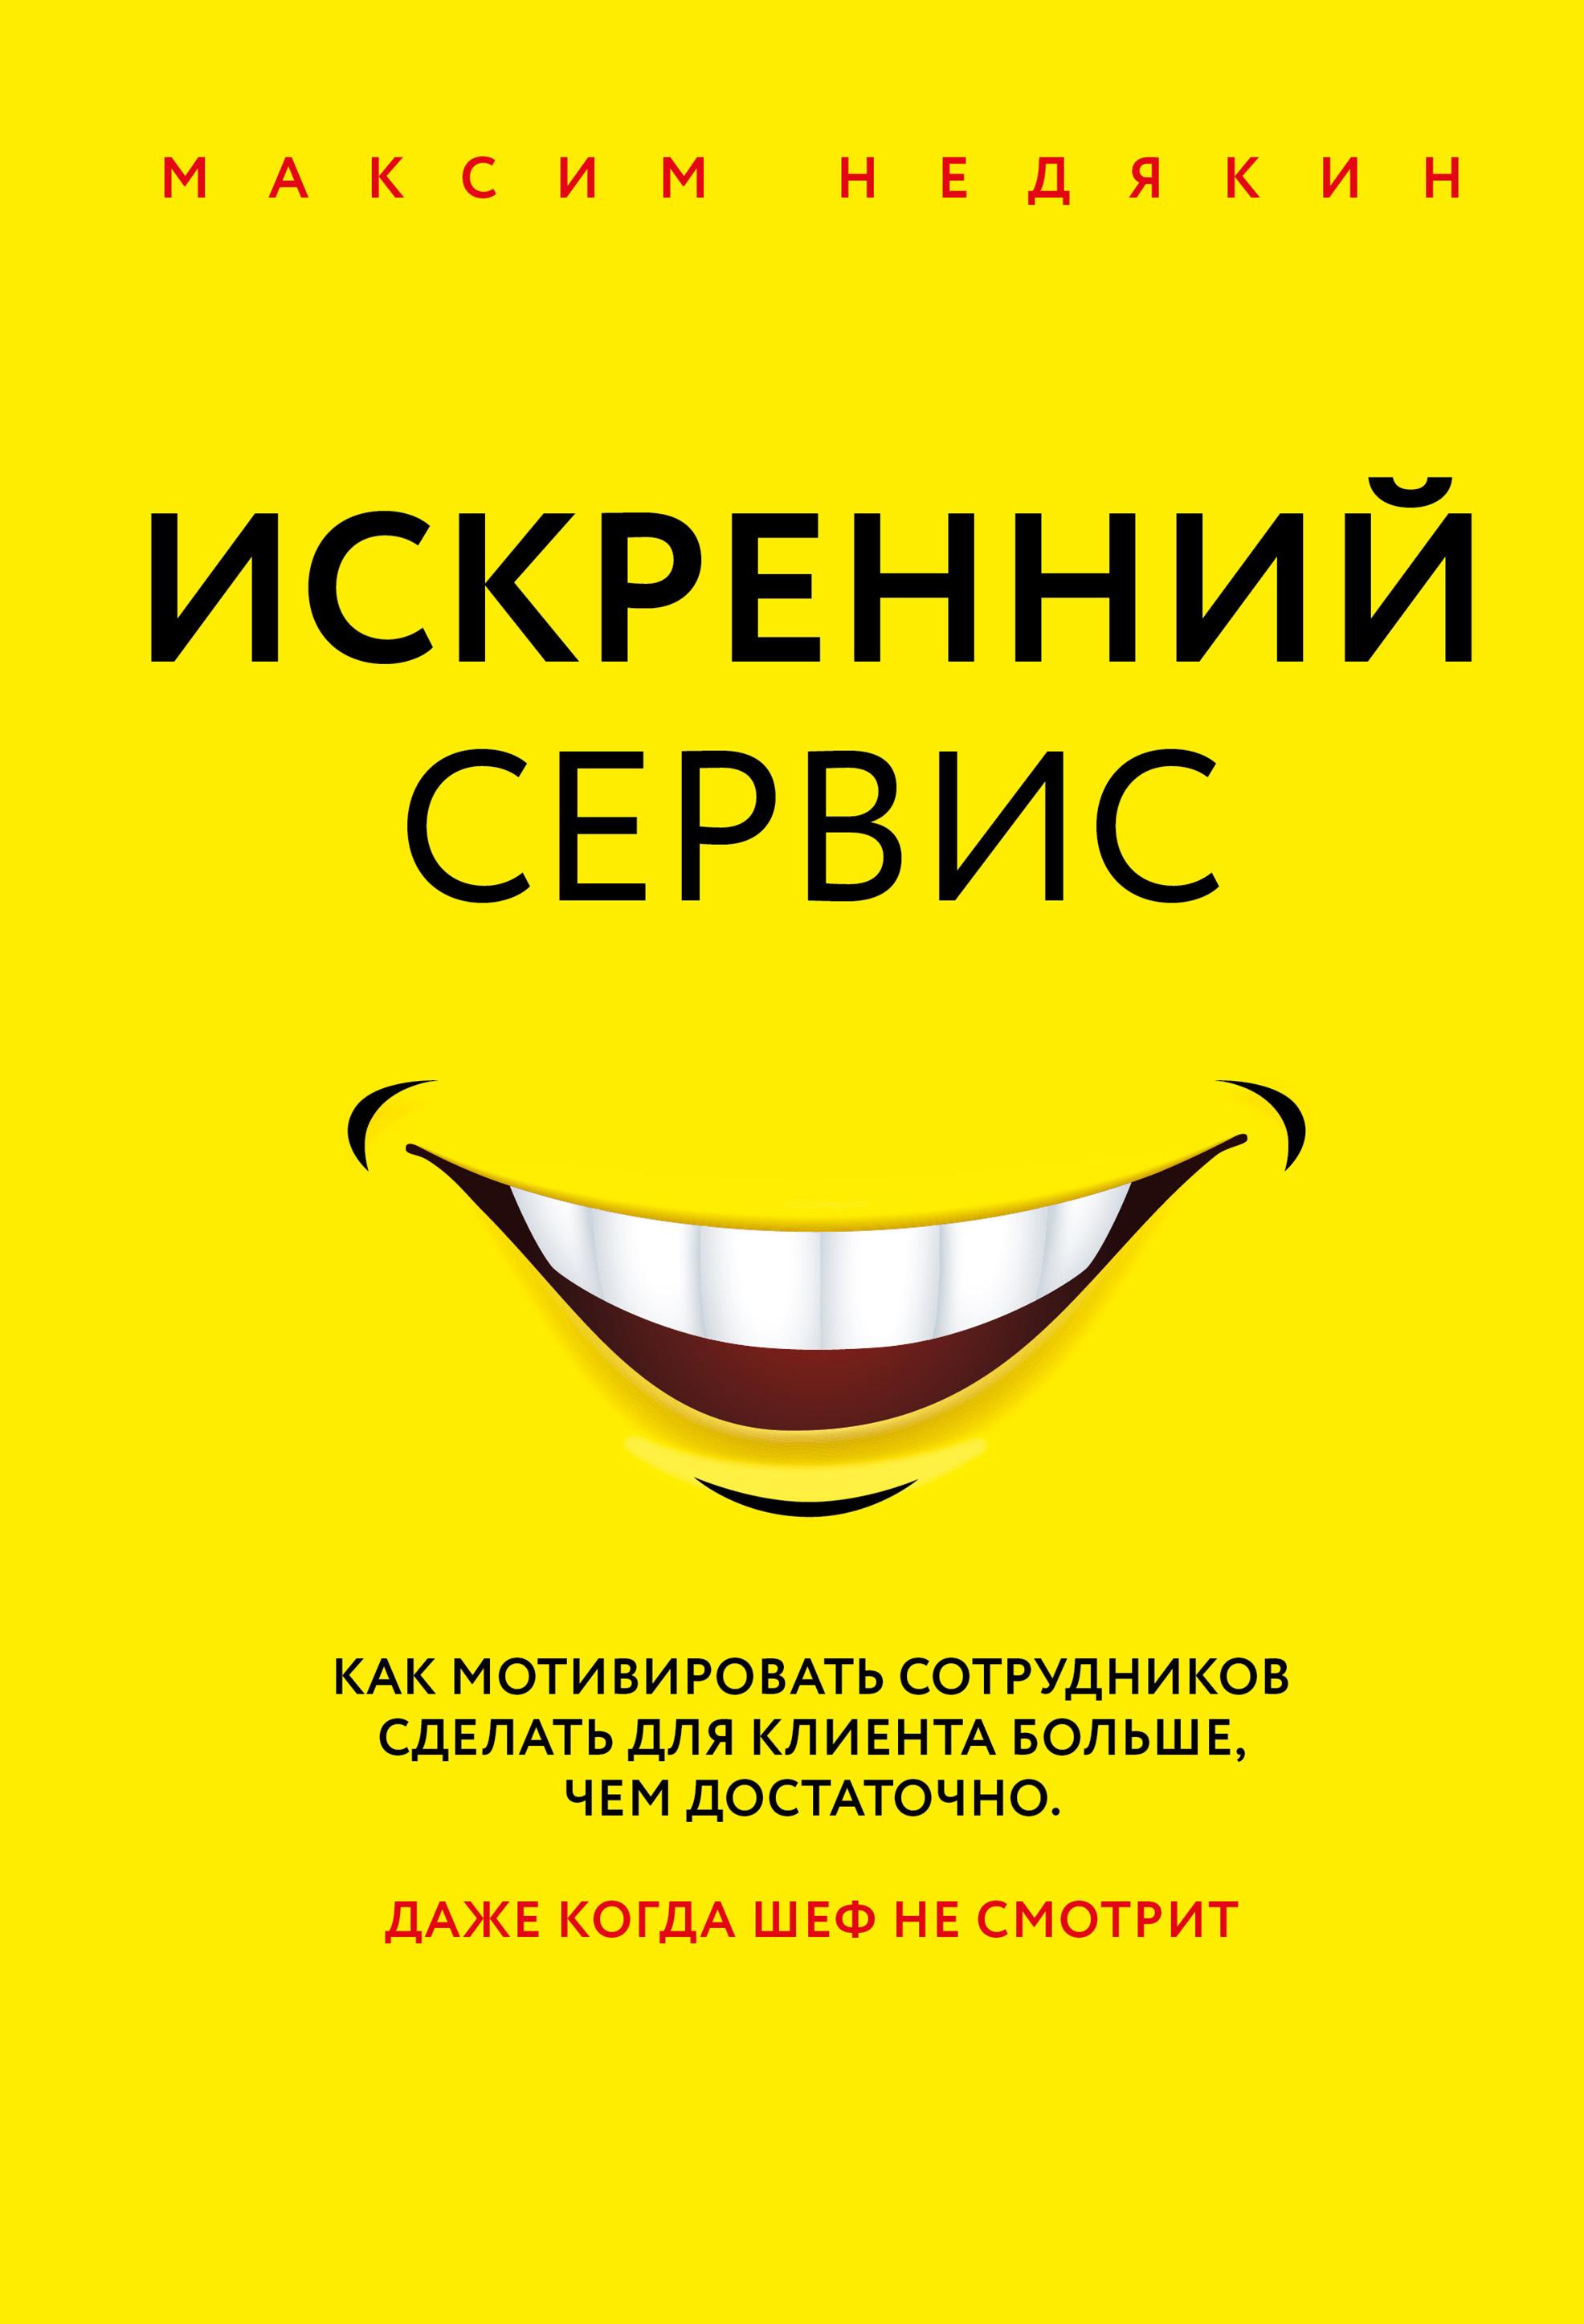 Максим Недякин Искренний сервис